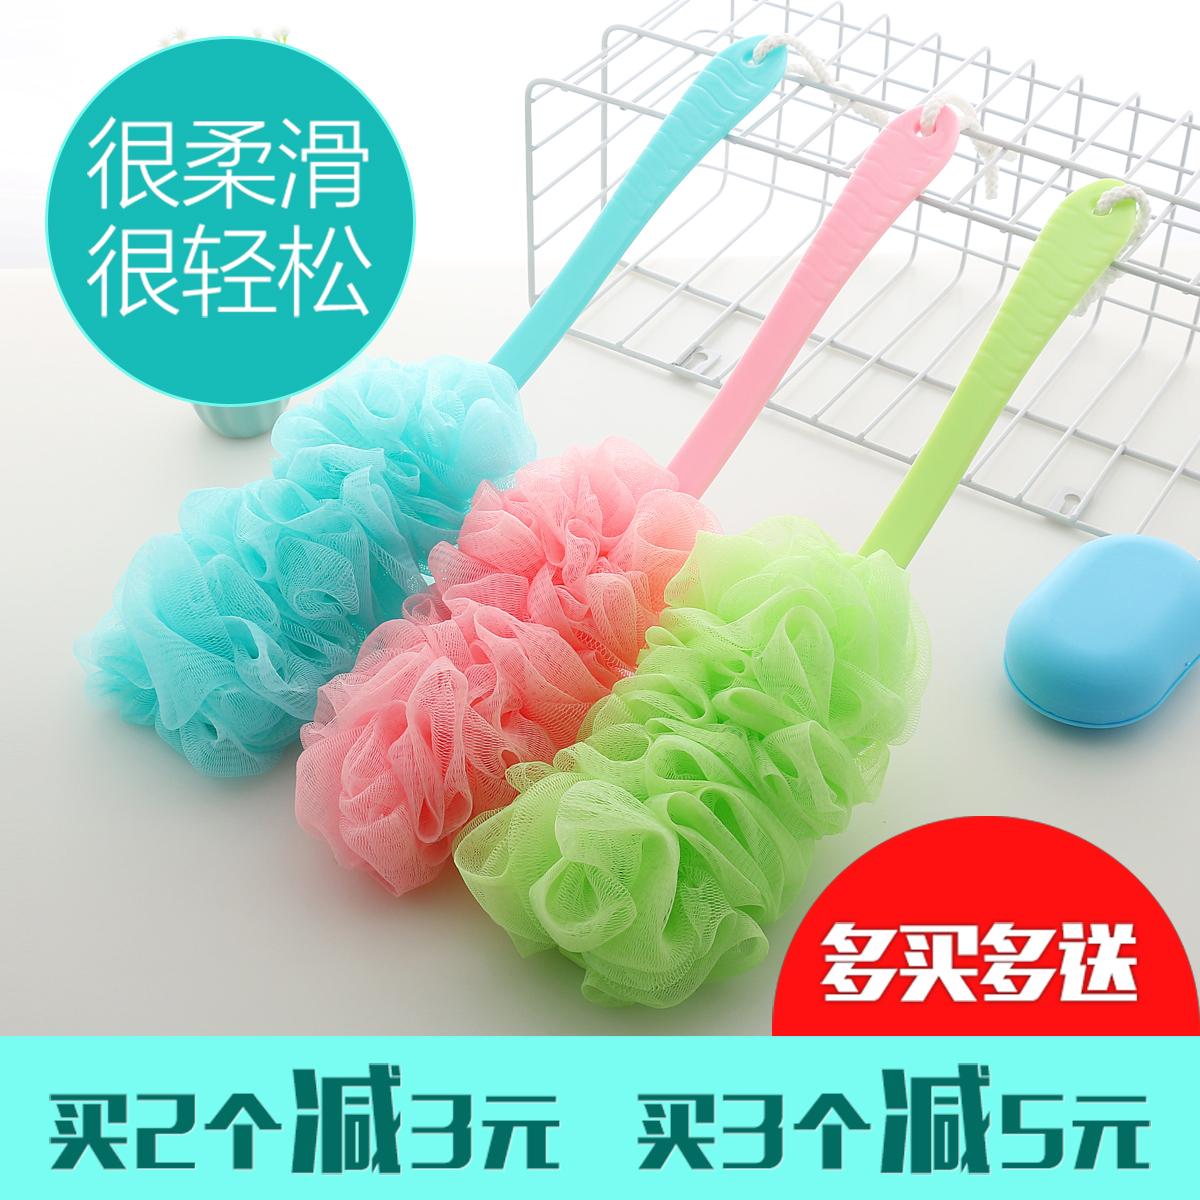 Каждый время прекрасный домой сковорода ванна цветок ванна мяч увеличение купаться полотенце ванна вытирать пузырь ванна марля твист задний ванна щетка